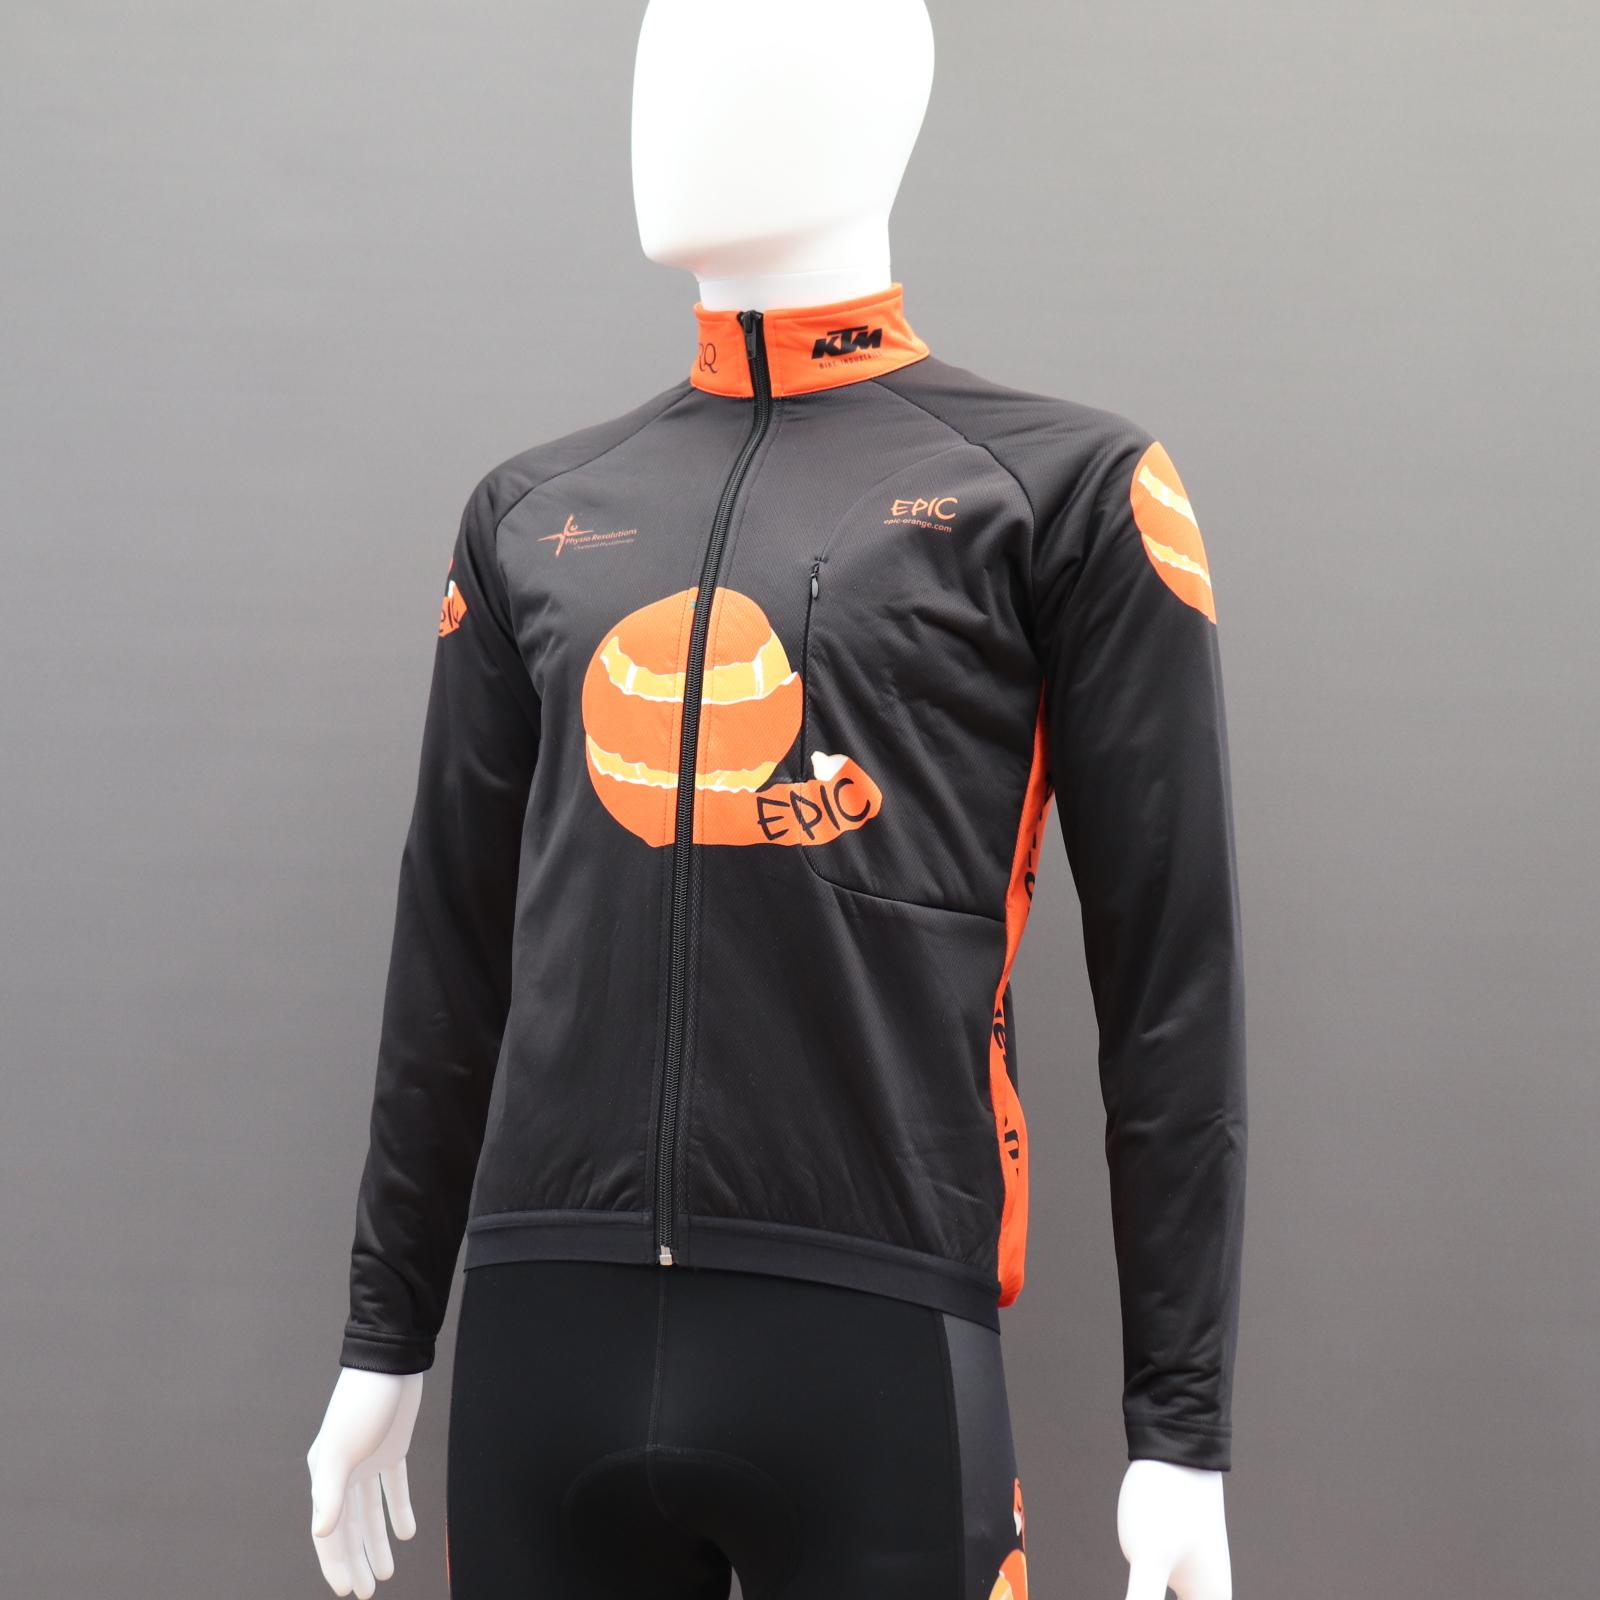 Sub Zero Custom Winter Cycling Jackets